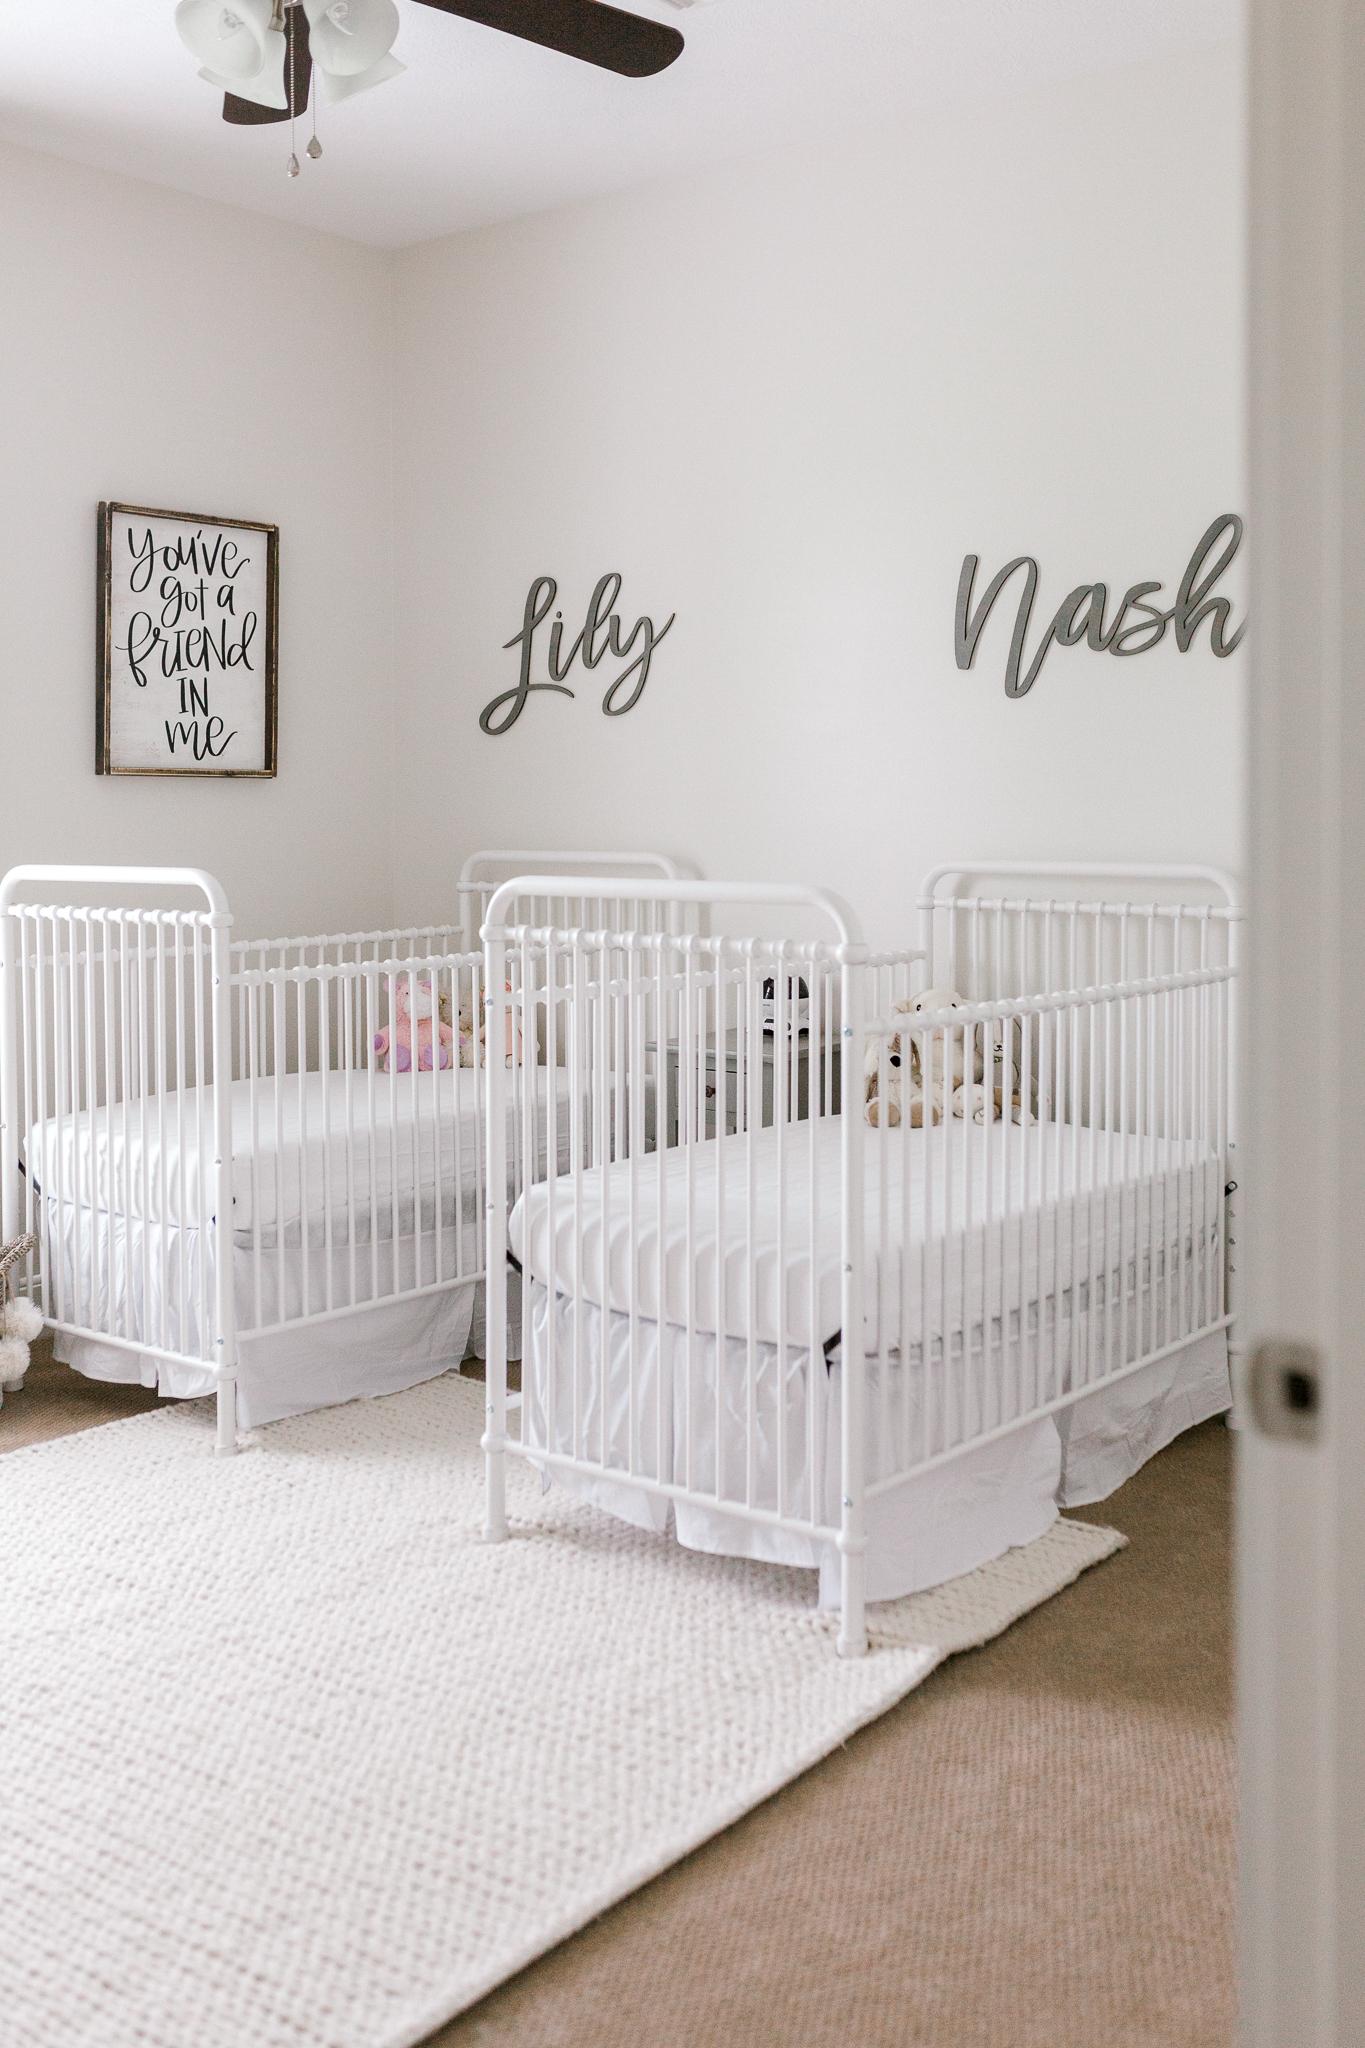 Lily and Nash Newborns-20.jpg